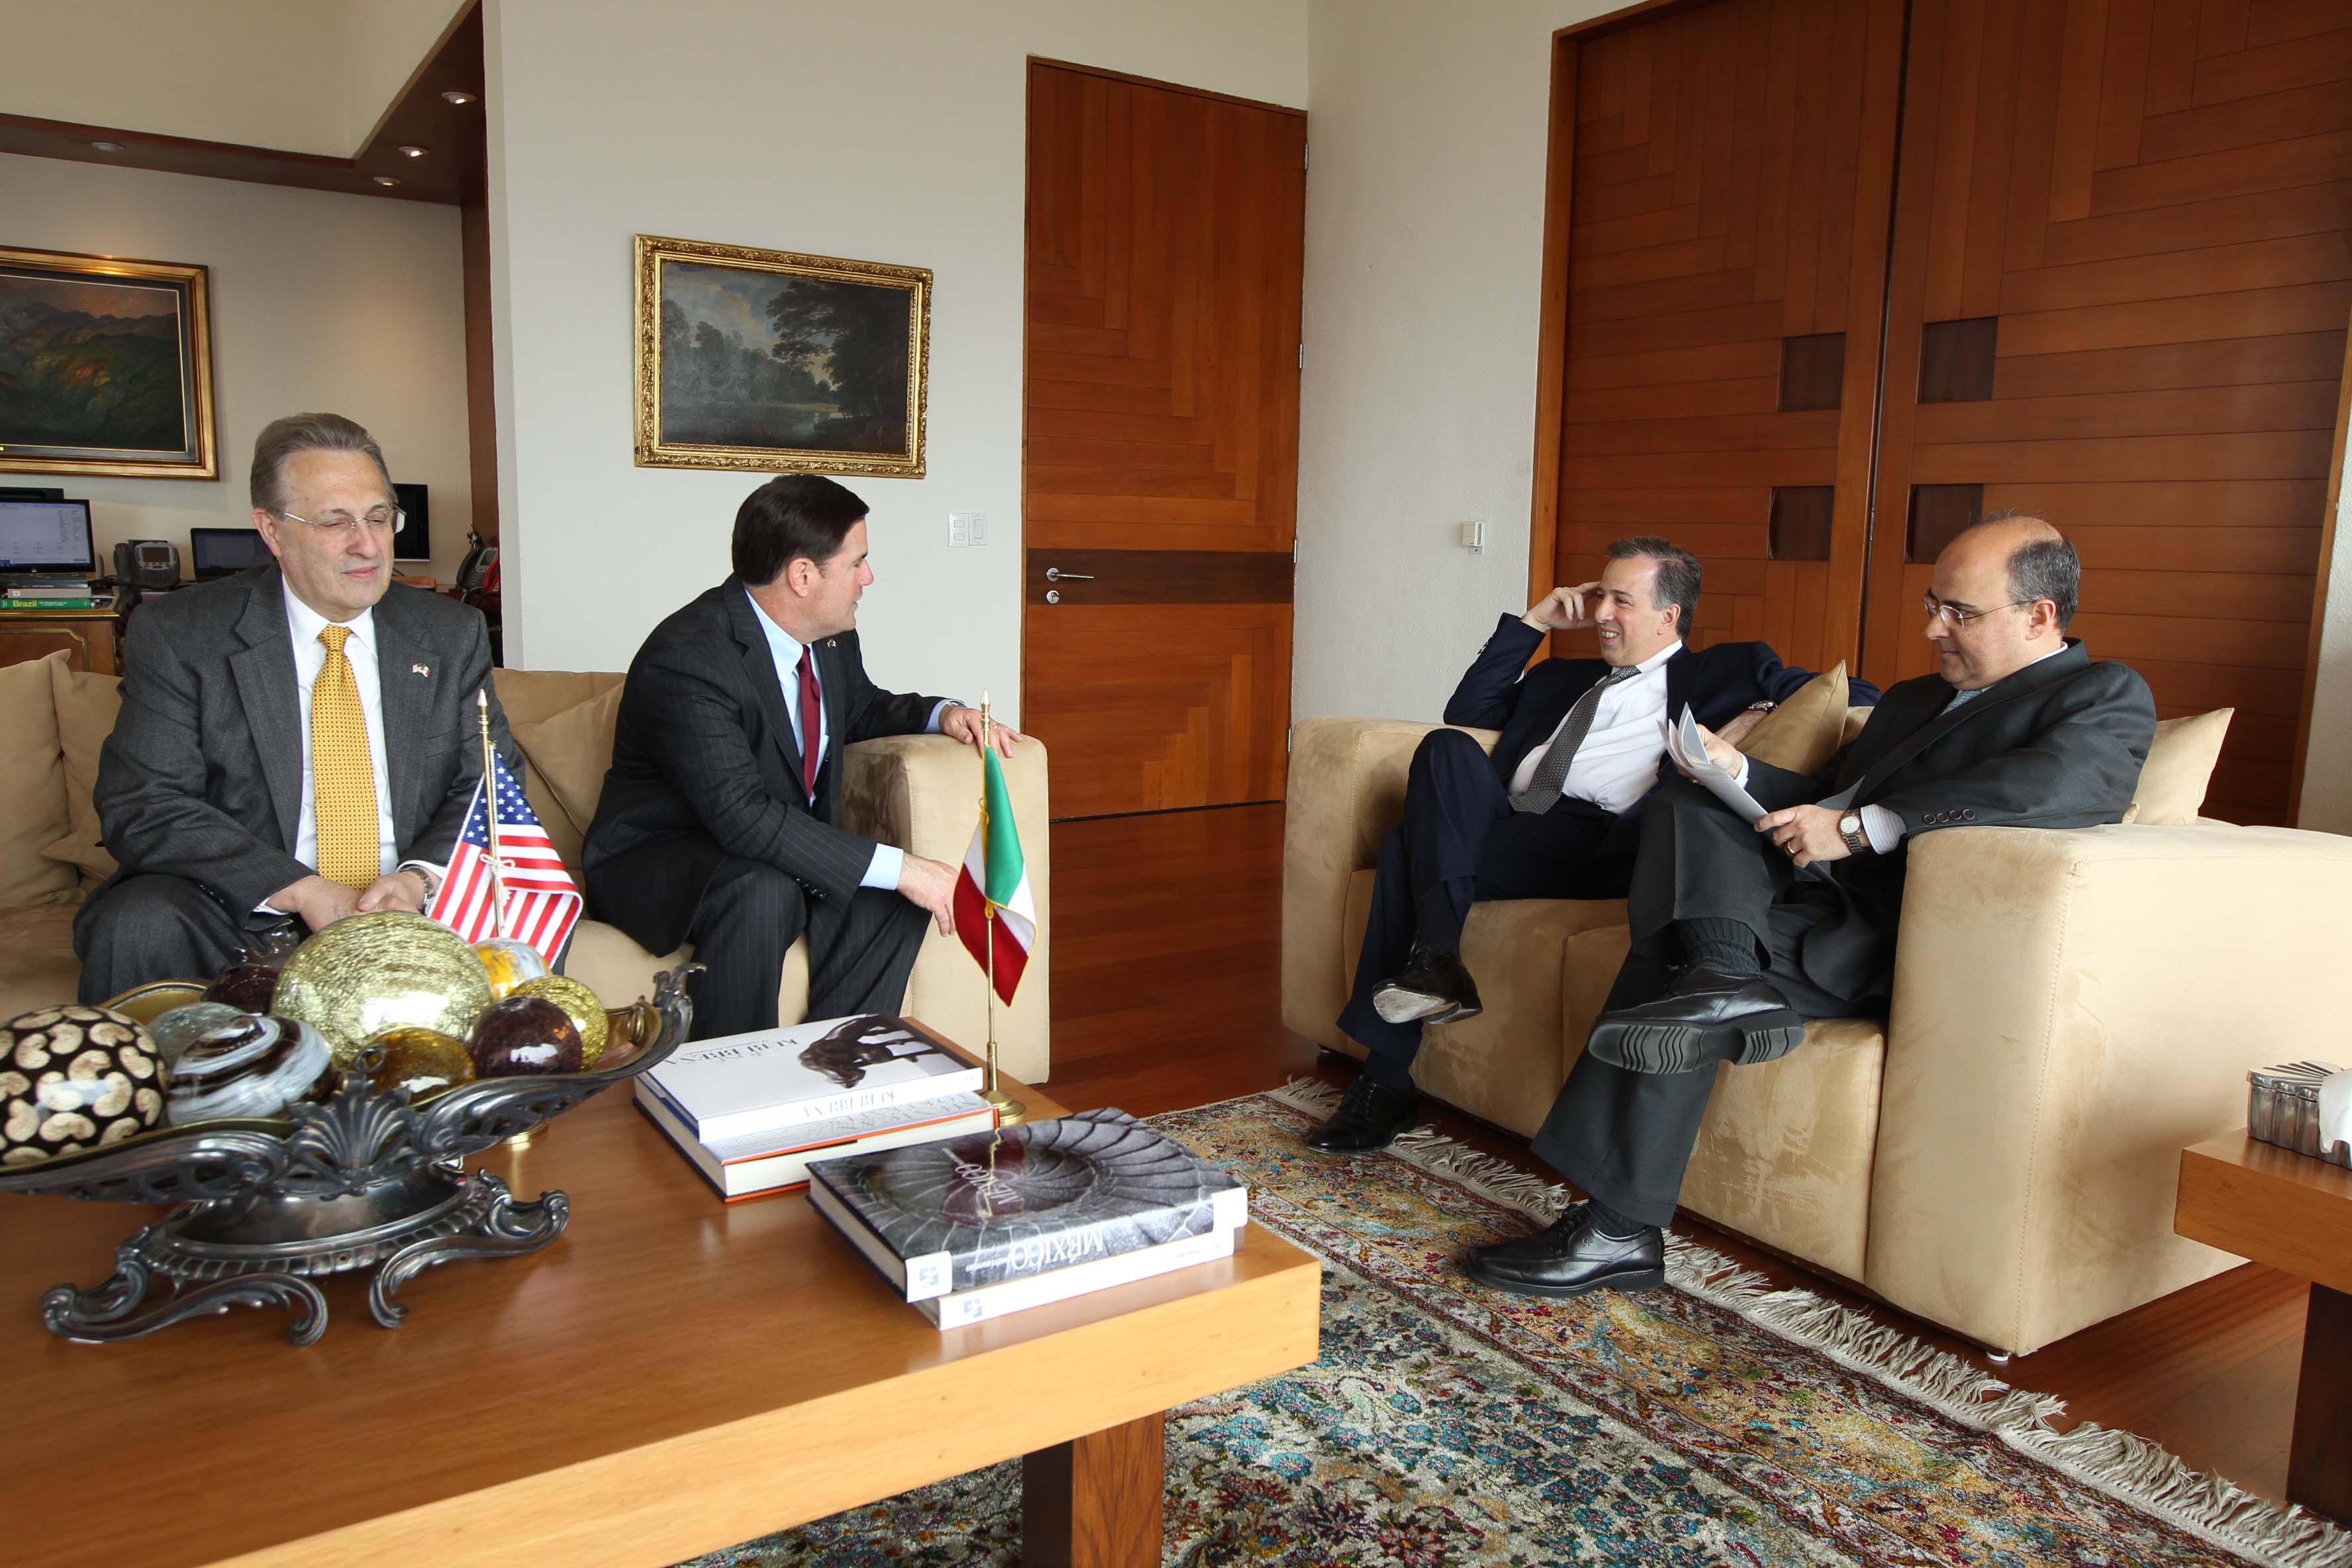 FOTO 2 Canciller Jos  Antonio Meade con el gobernador de Arizona  Doug Duceyjpg